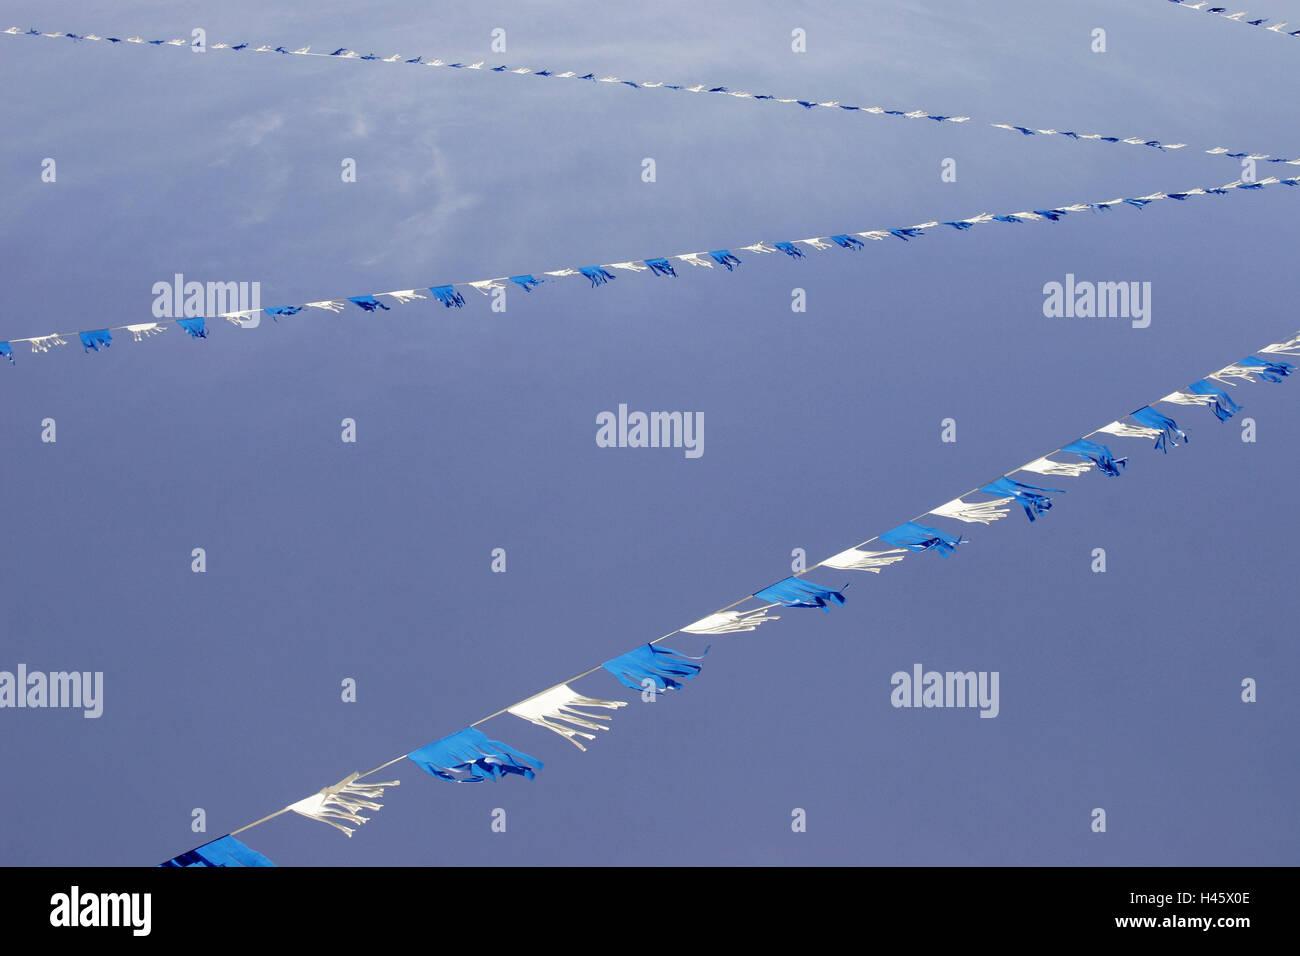 Himmel, Girlanden, Anhänger, blau, weiß, wolkenlos, Saiten, Bettwäsche, Dekoration, angespannt, ornamental, Stockbild